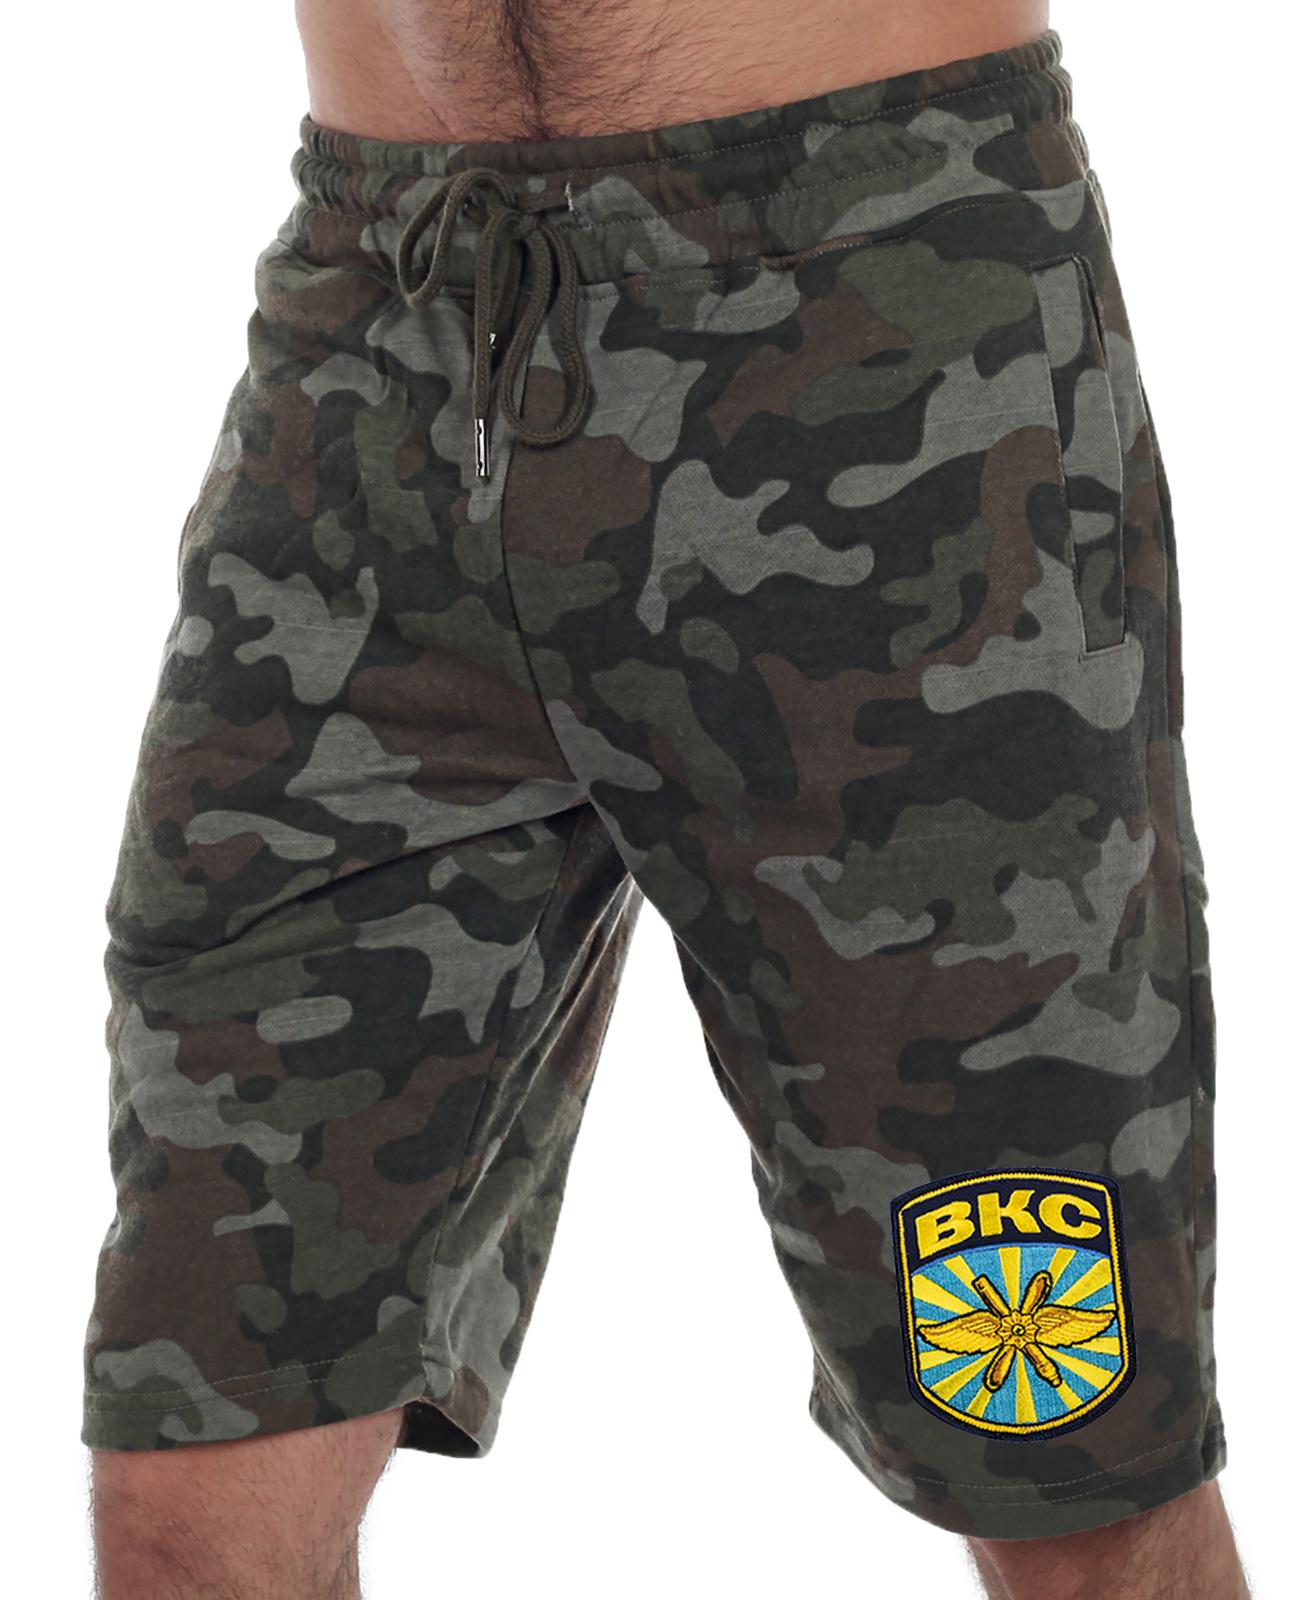 Купить армейские мужские шорты нашивкой ВКС с доставкой по России